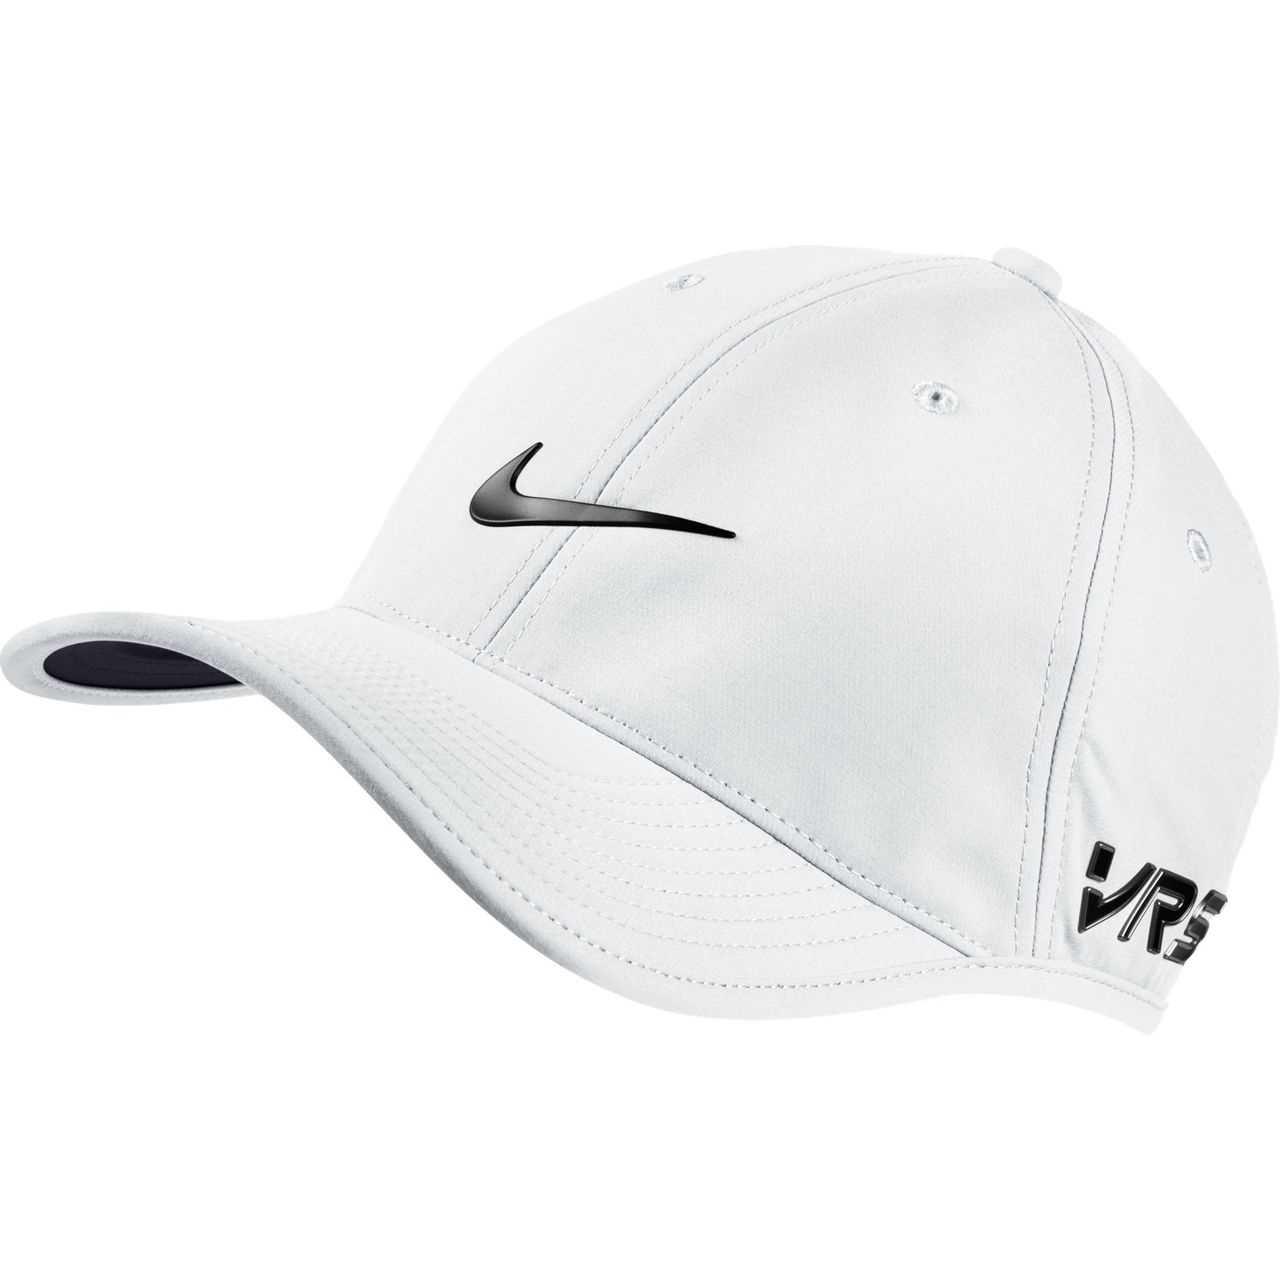 330bd1d2153 Nike Golf Ultralight Tour Legacy Cap New Vivid Blue Black - White Black